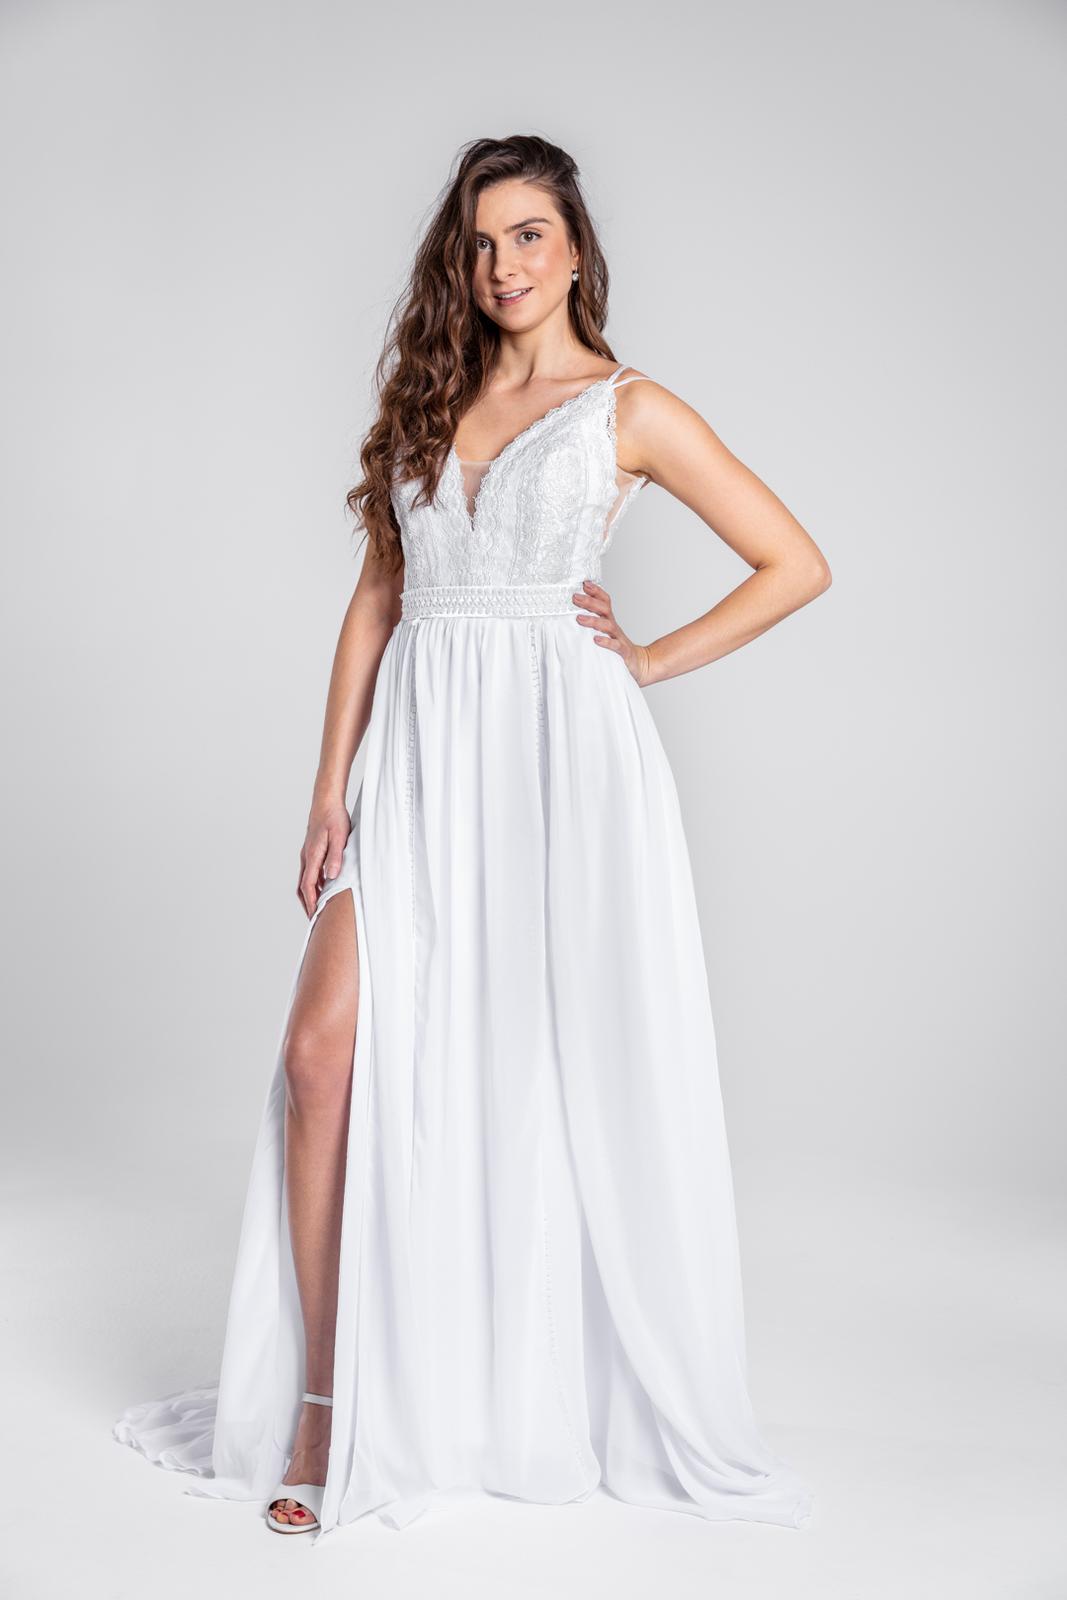 Úžasné svatební šaty s krajkou a rozparkem, 36, 40 - Obrázek č. 1